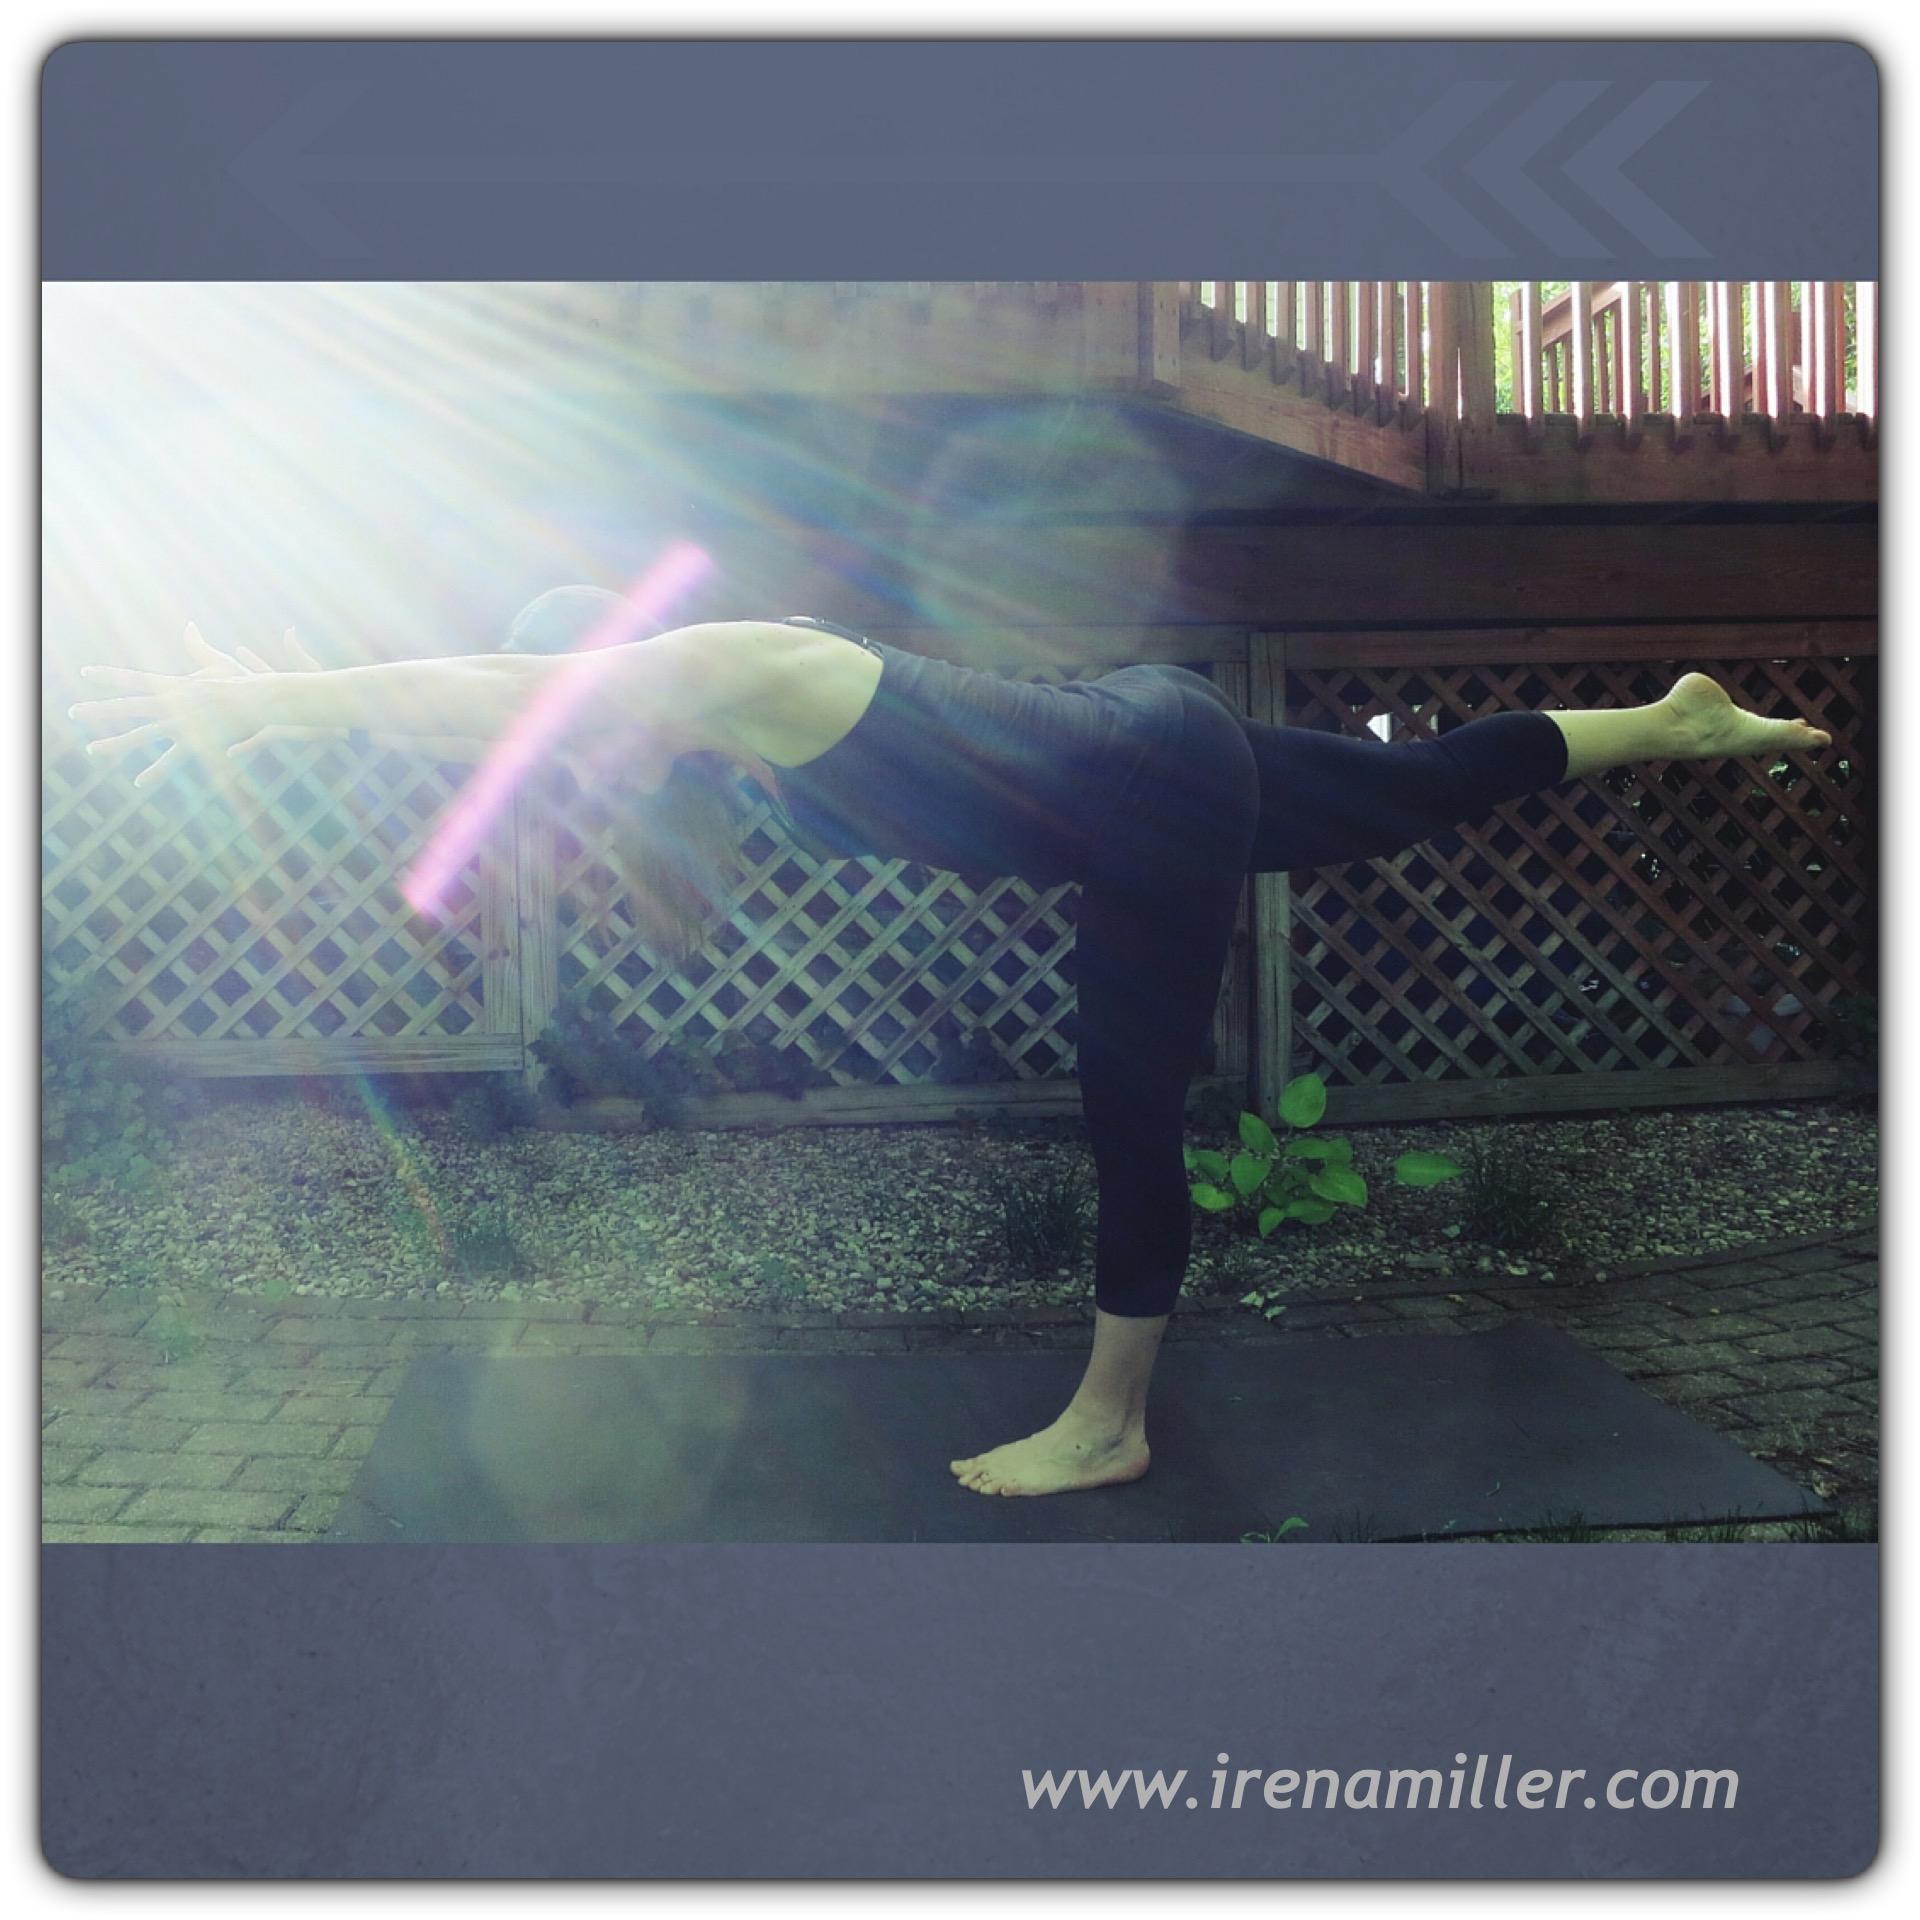 vira warrior 3 yoga pose irena